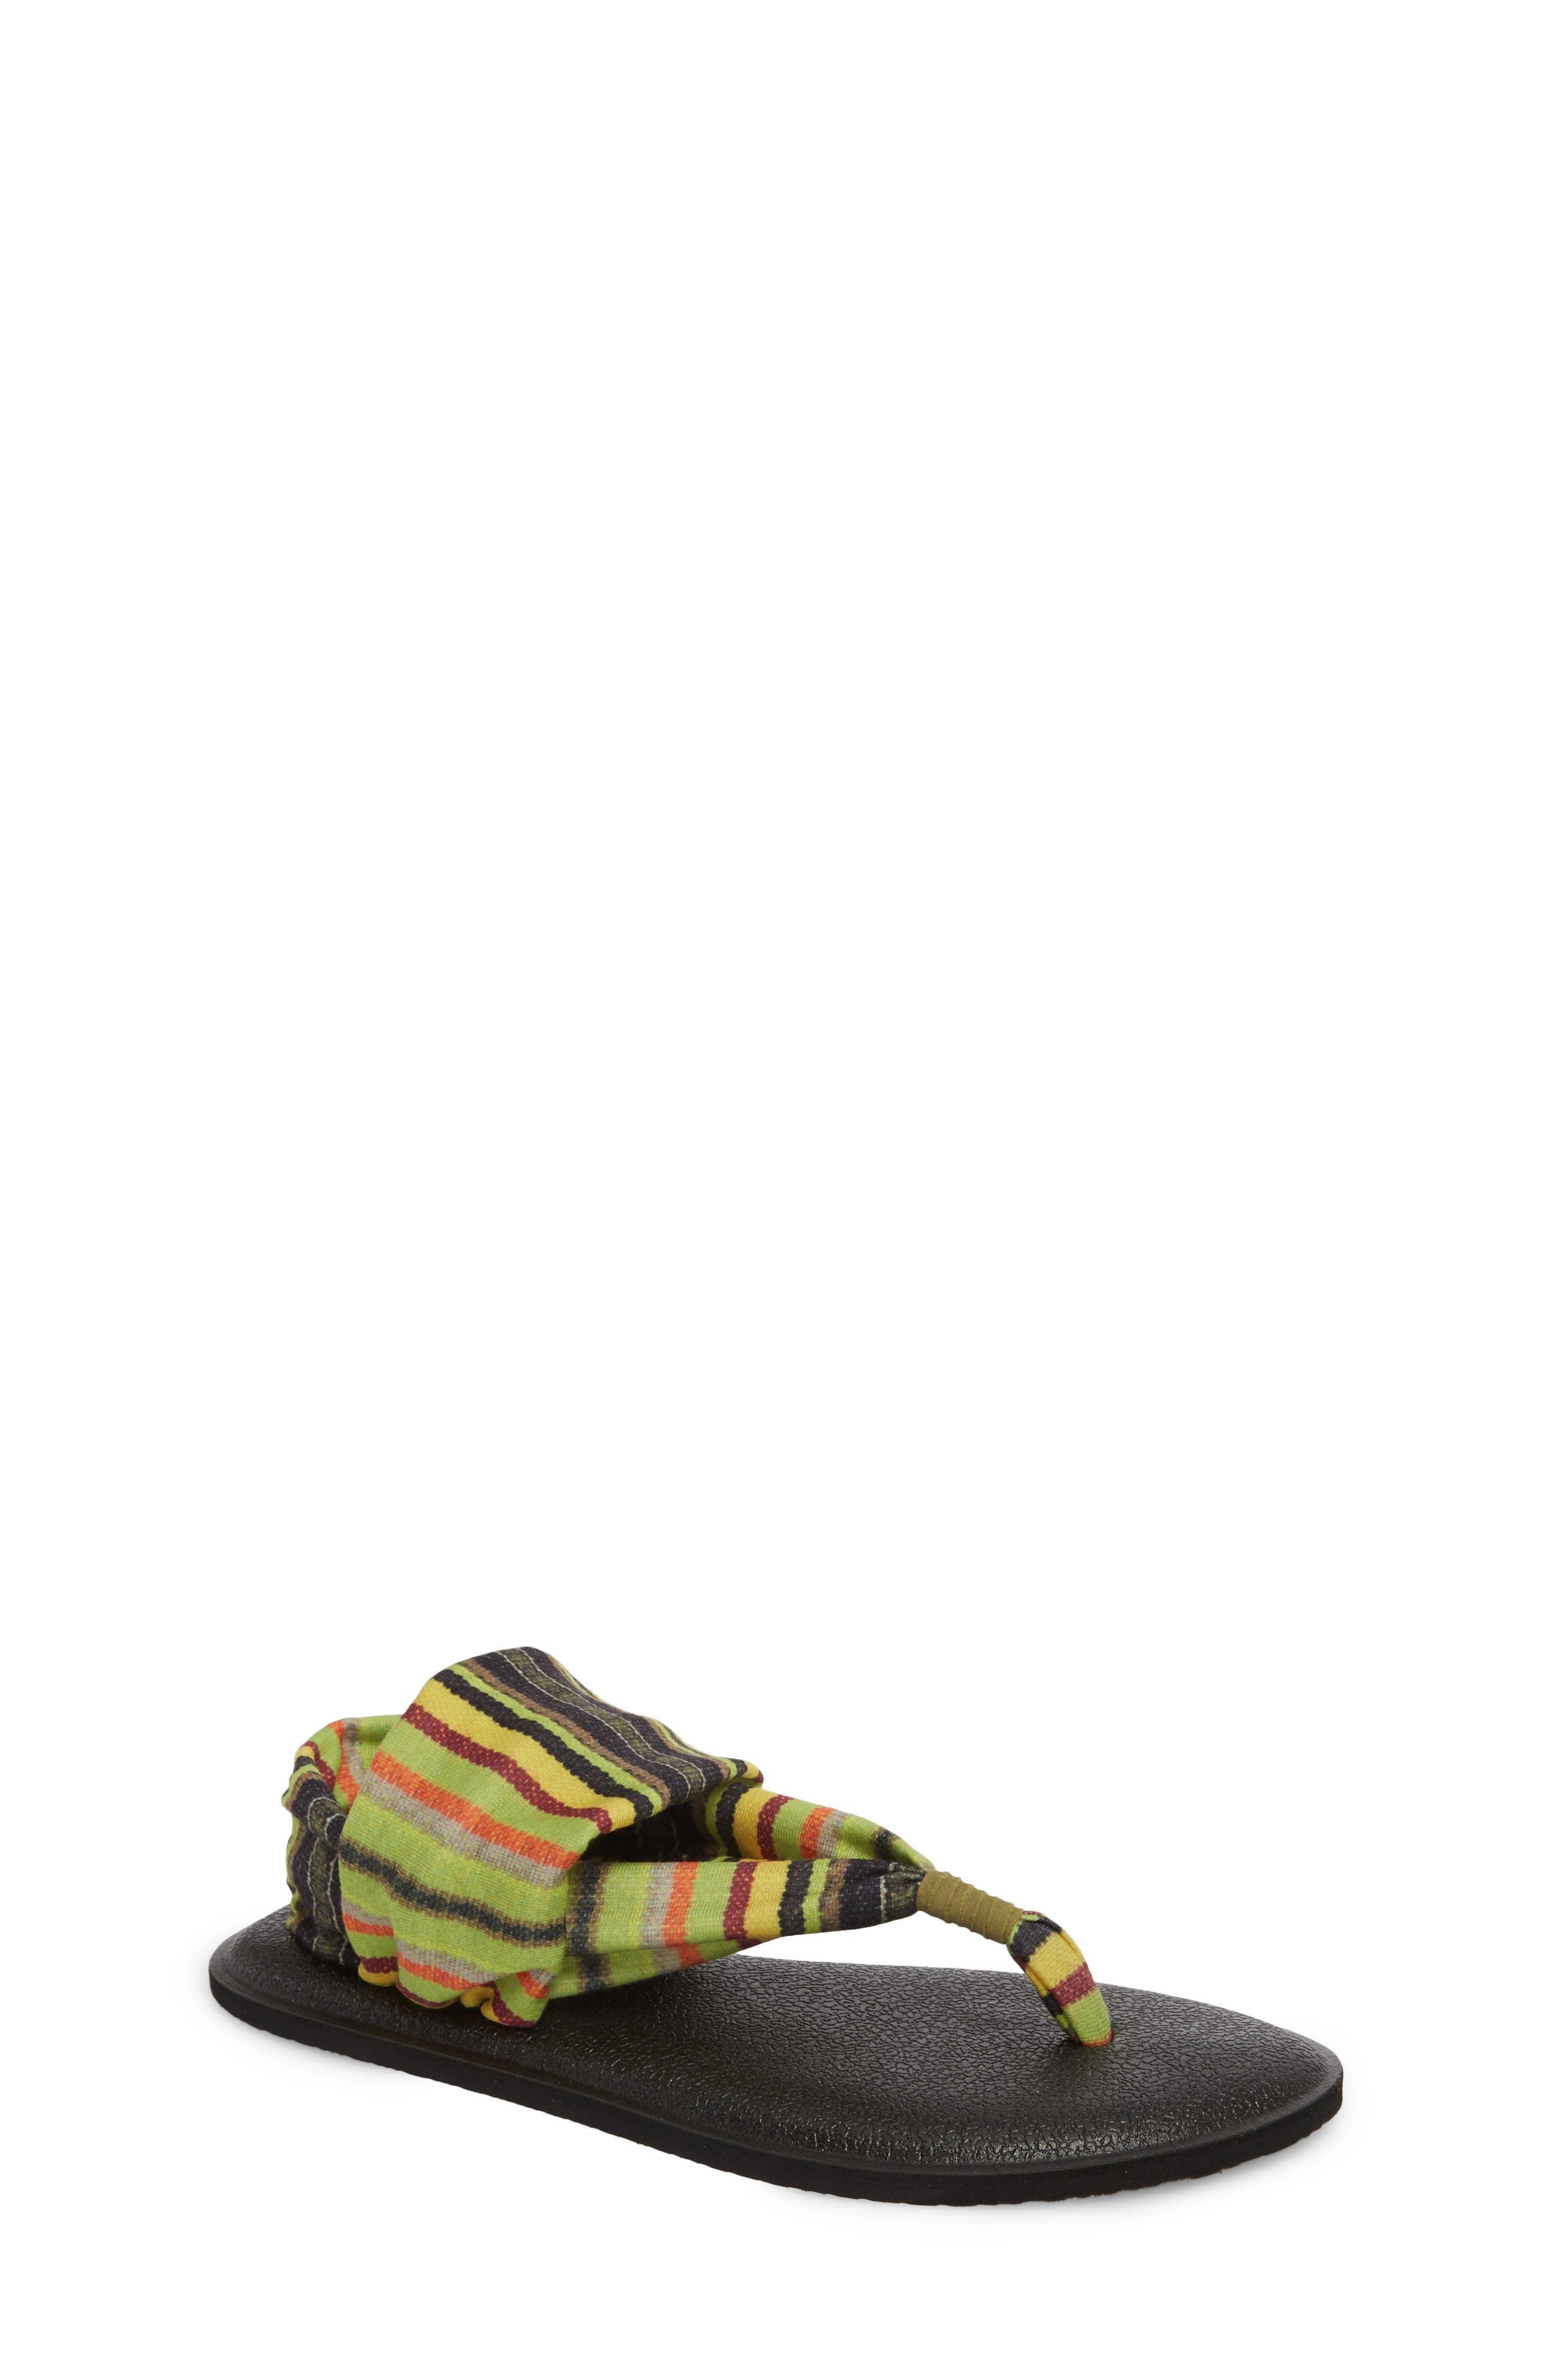 Alternate Image 1 Selected - Sanuk Yoga Sling Burst Sandal (Toddler, Little Kid & Big Kid)